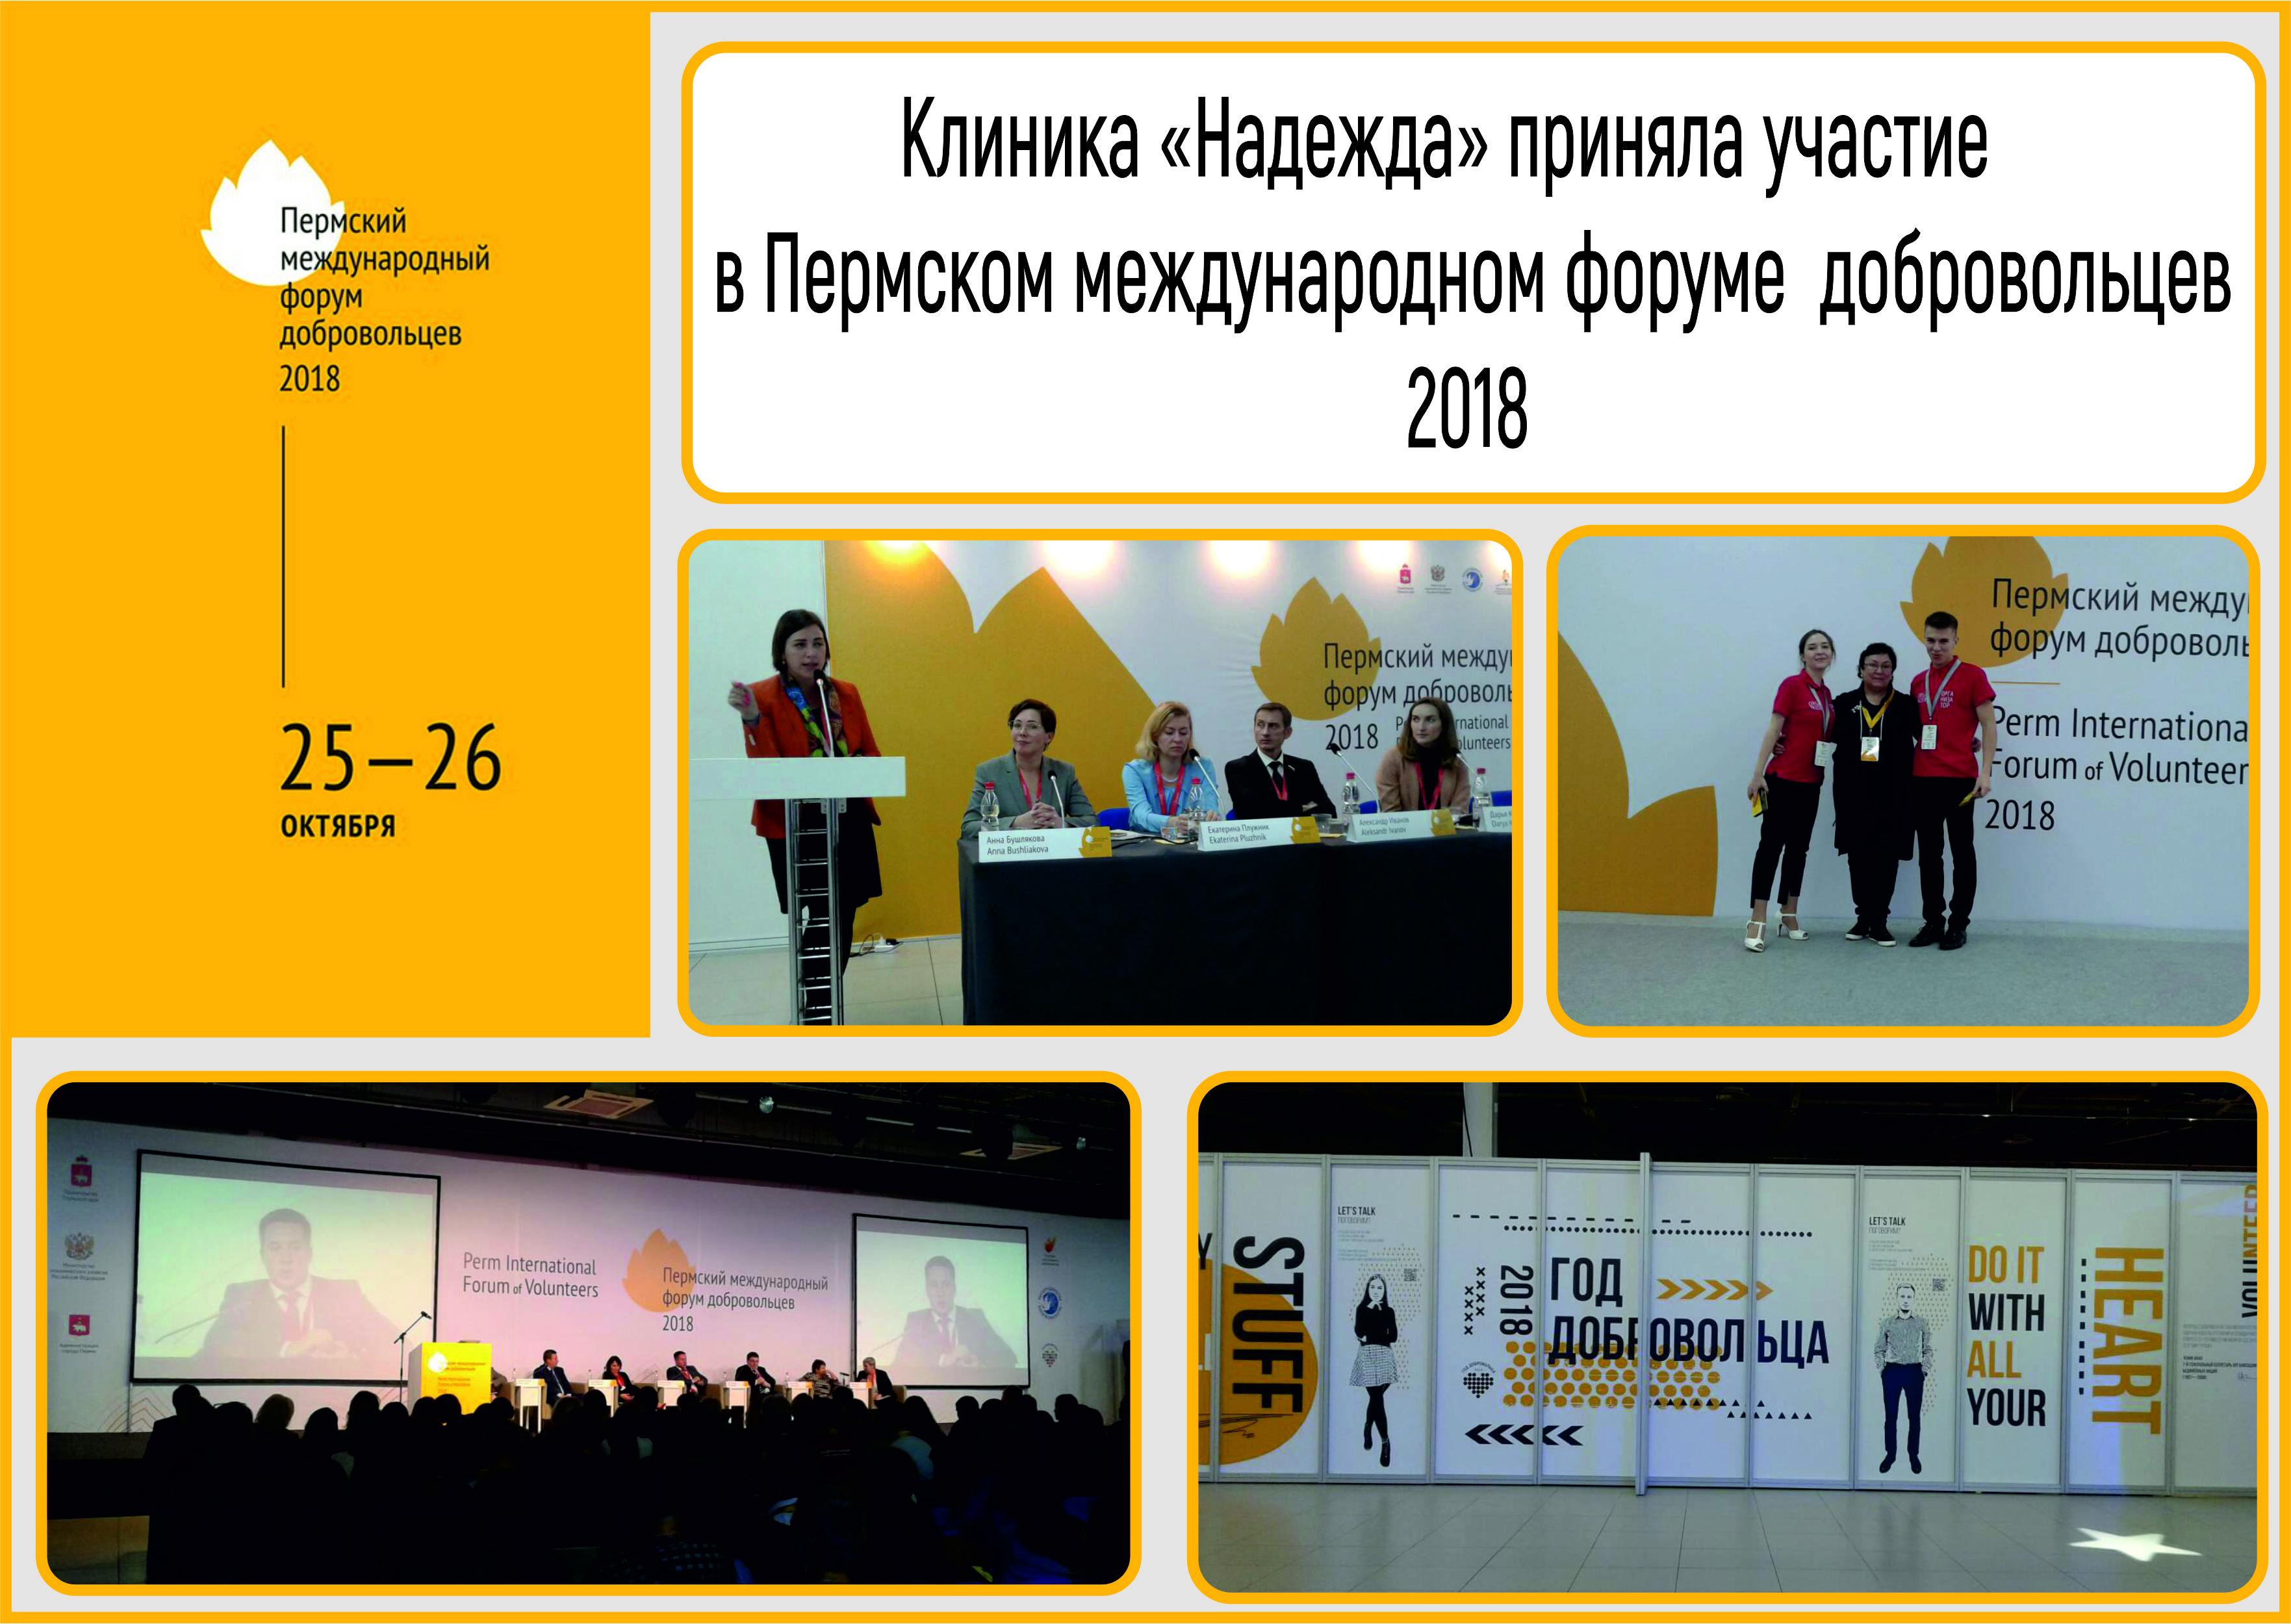 «Пермский международный форум добровольцев 2018»